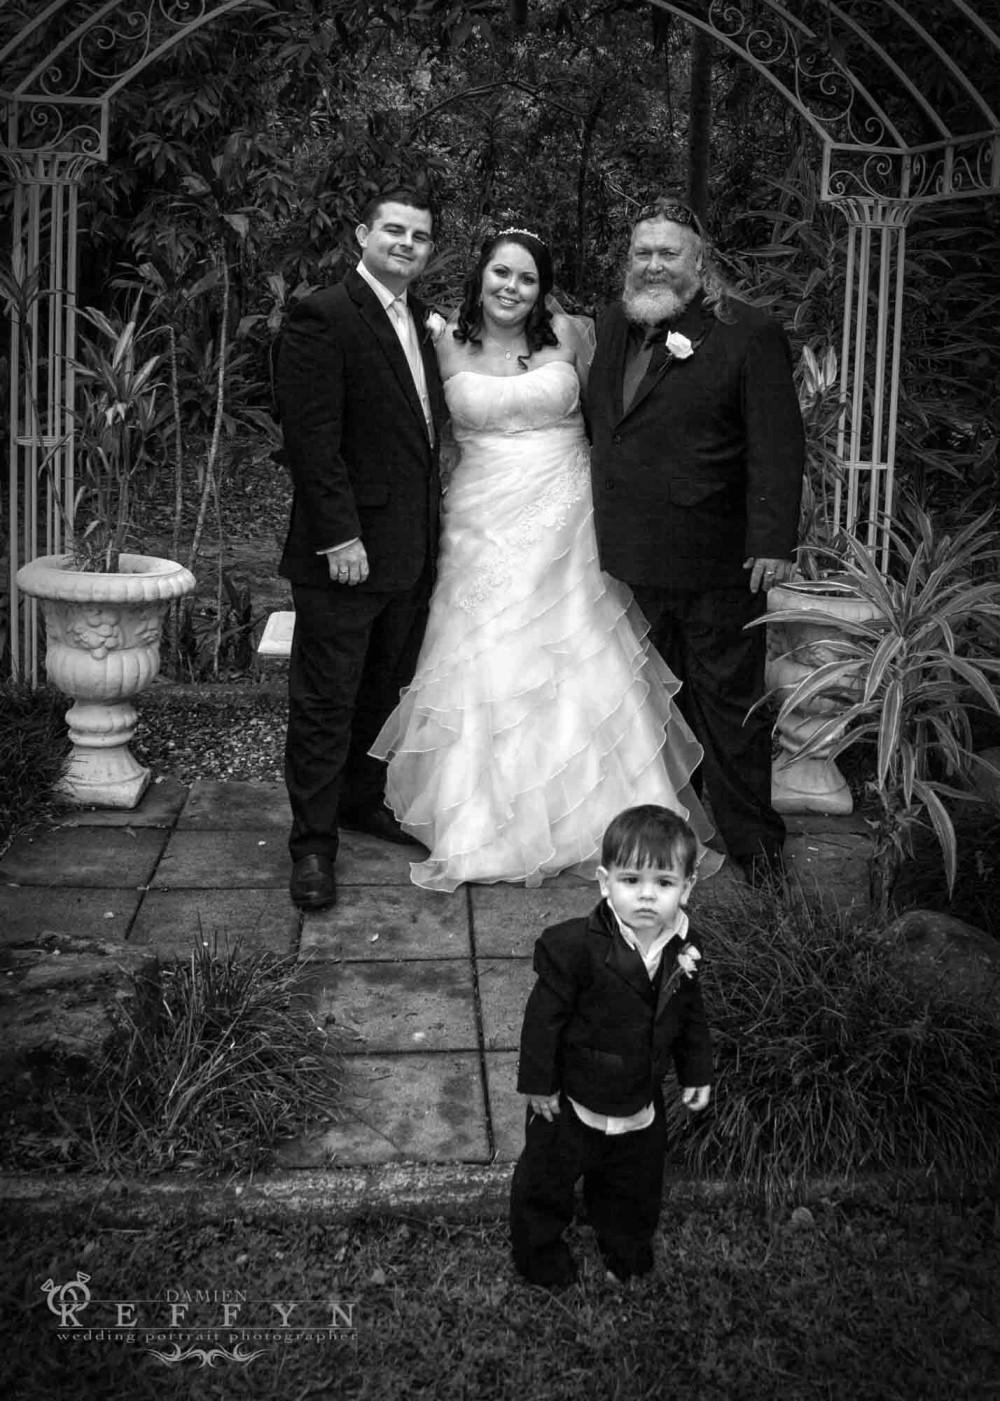 Shauna Kevin hideaway wedding Beerwah Sunshine Coast, Beerwah Photographer, Beerwah Hideaway Photographer, garden wedding Photographer, Hinterland, Queensland, Sunshine Coast Photographer, Wedding Photographer